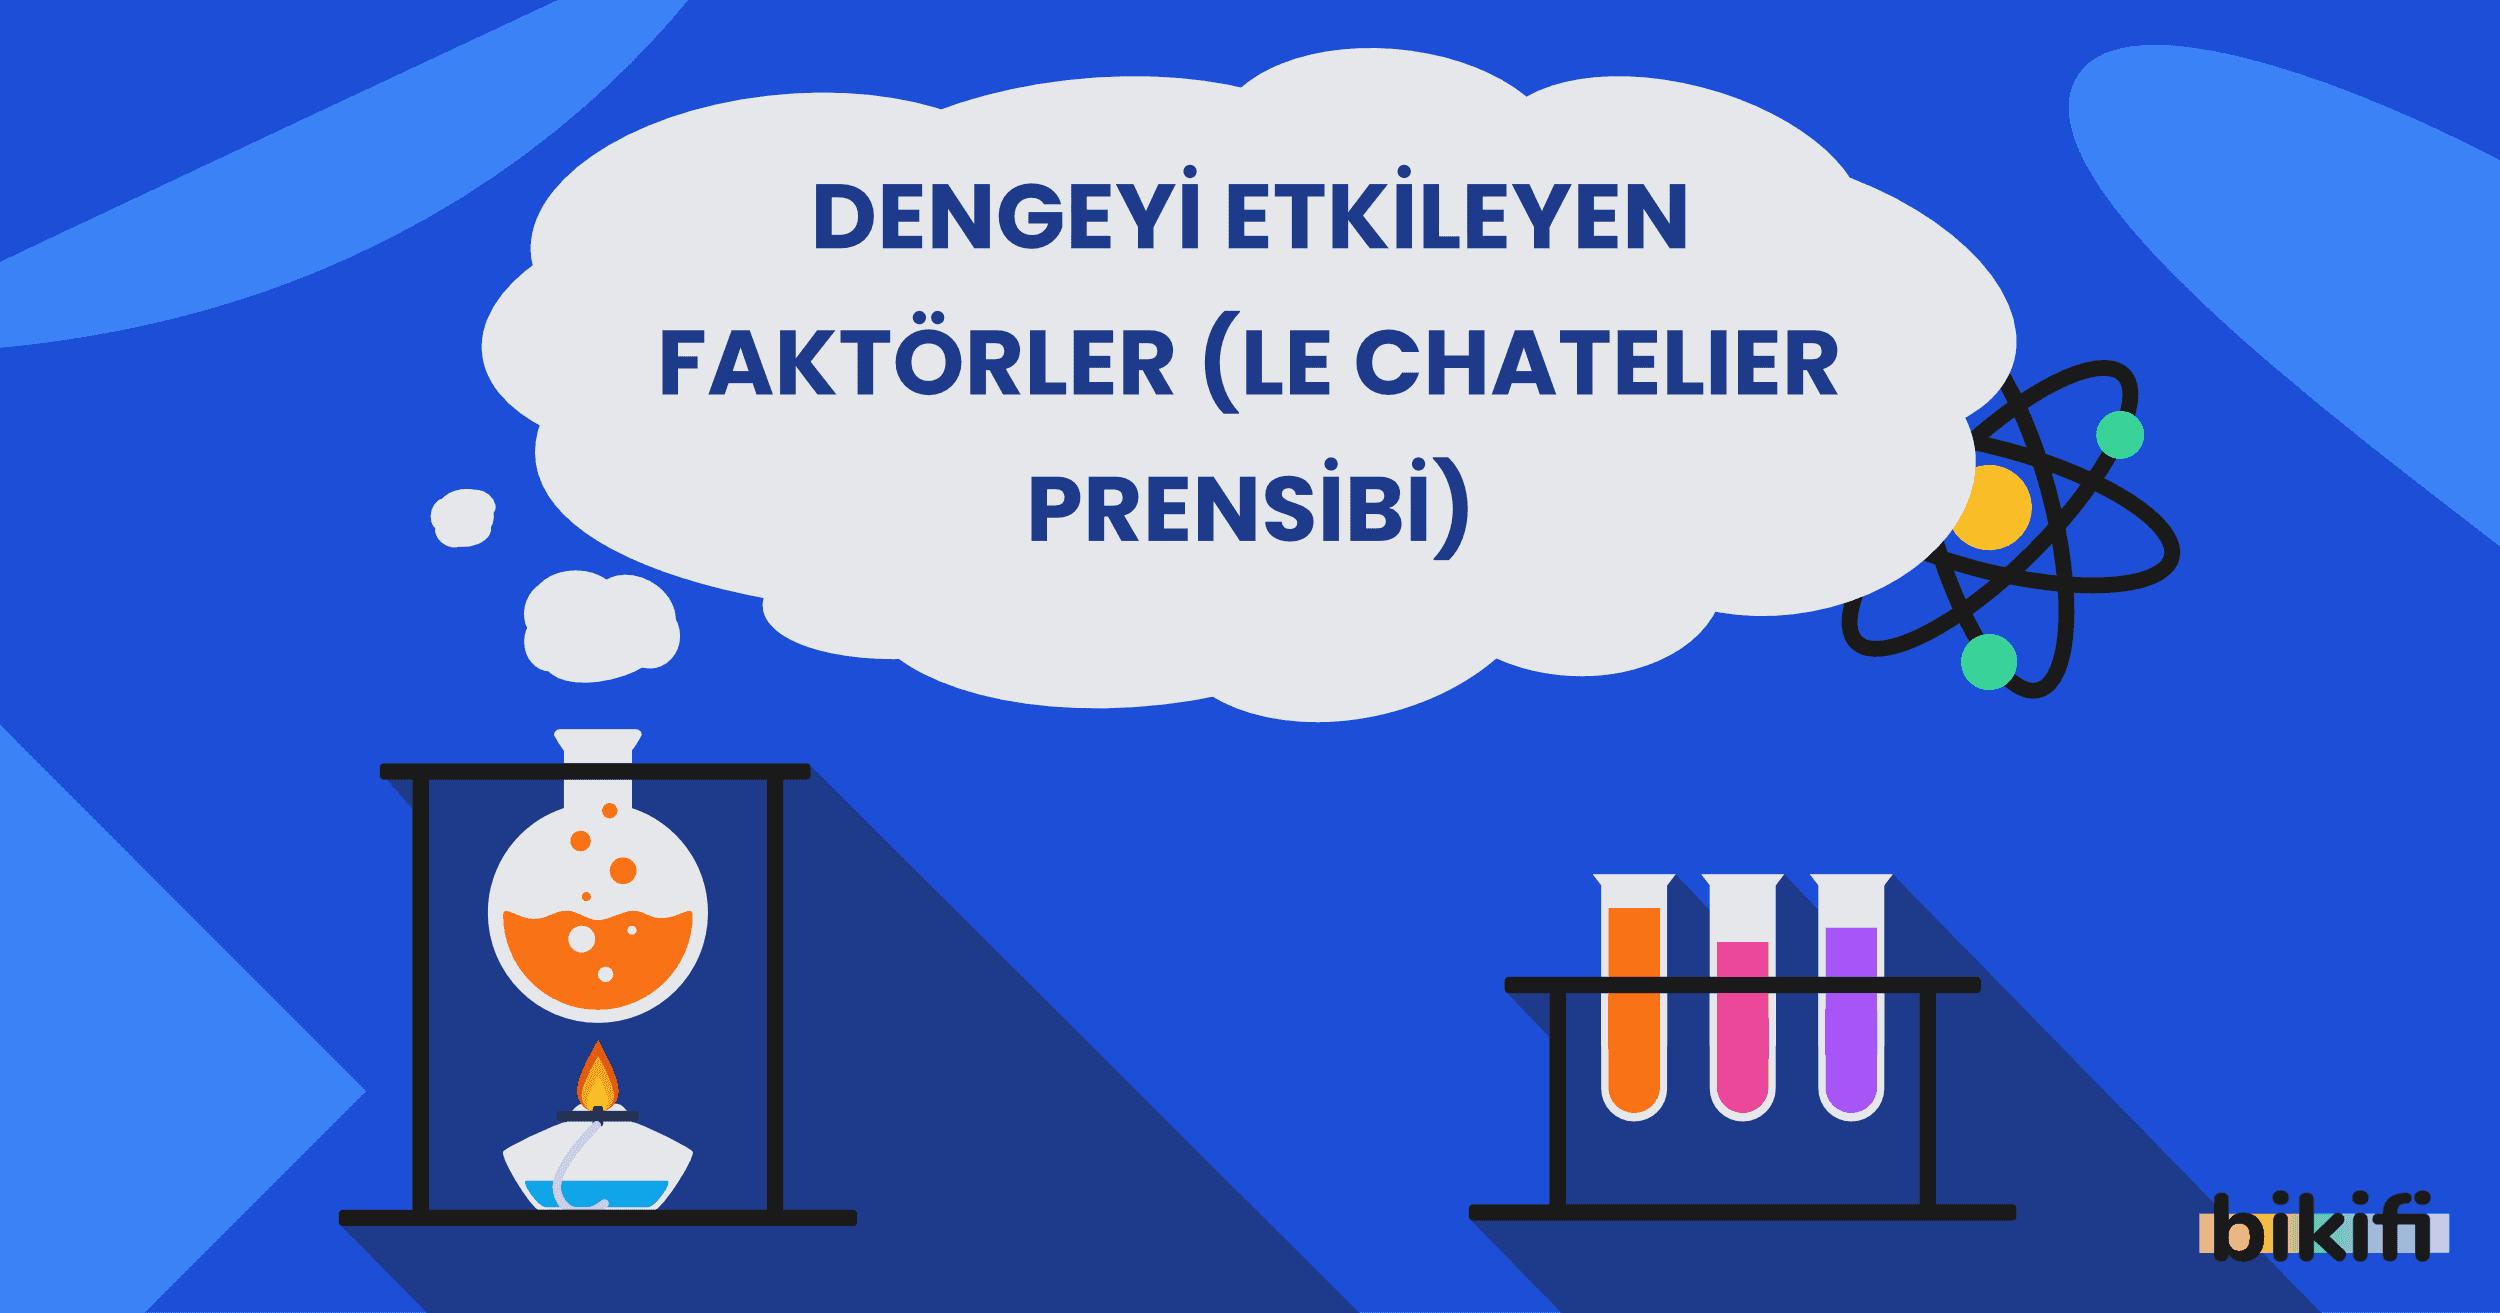 Dengeyi Etkileyen Faktörler (Le Chatelier Prensibi)